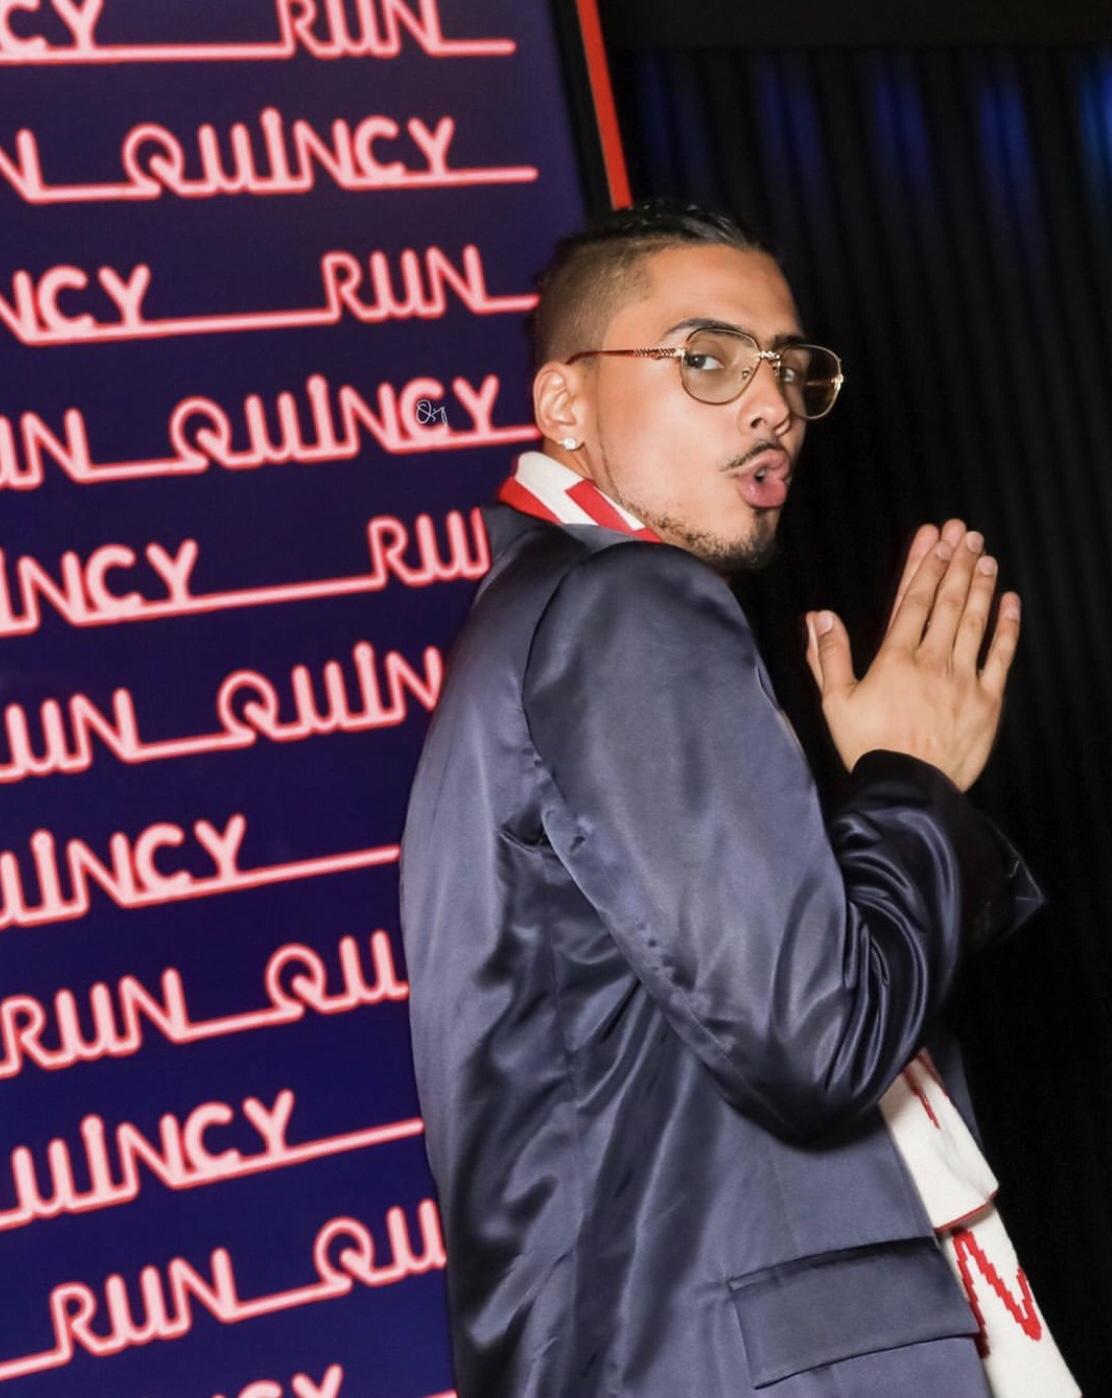 Quincy x Christian Louboutin 'Run Loubi Run' Party.jpeg